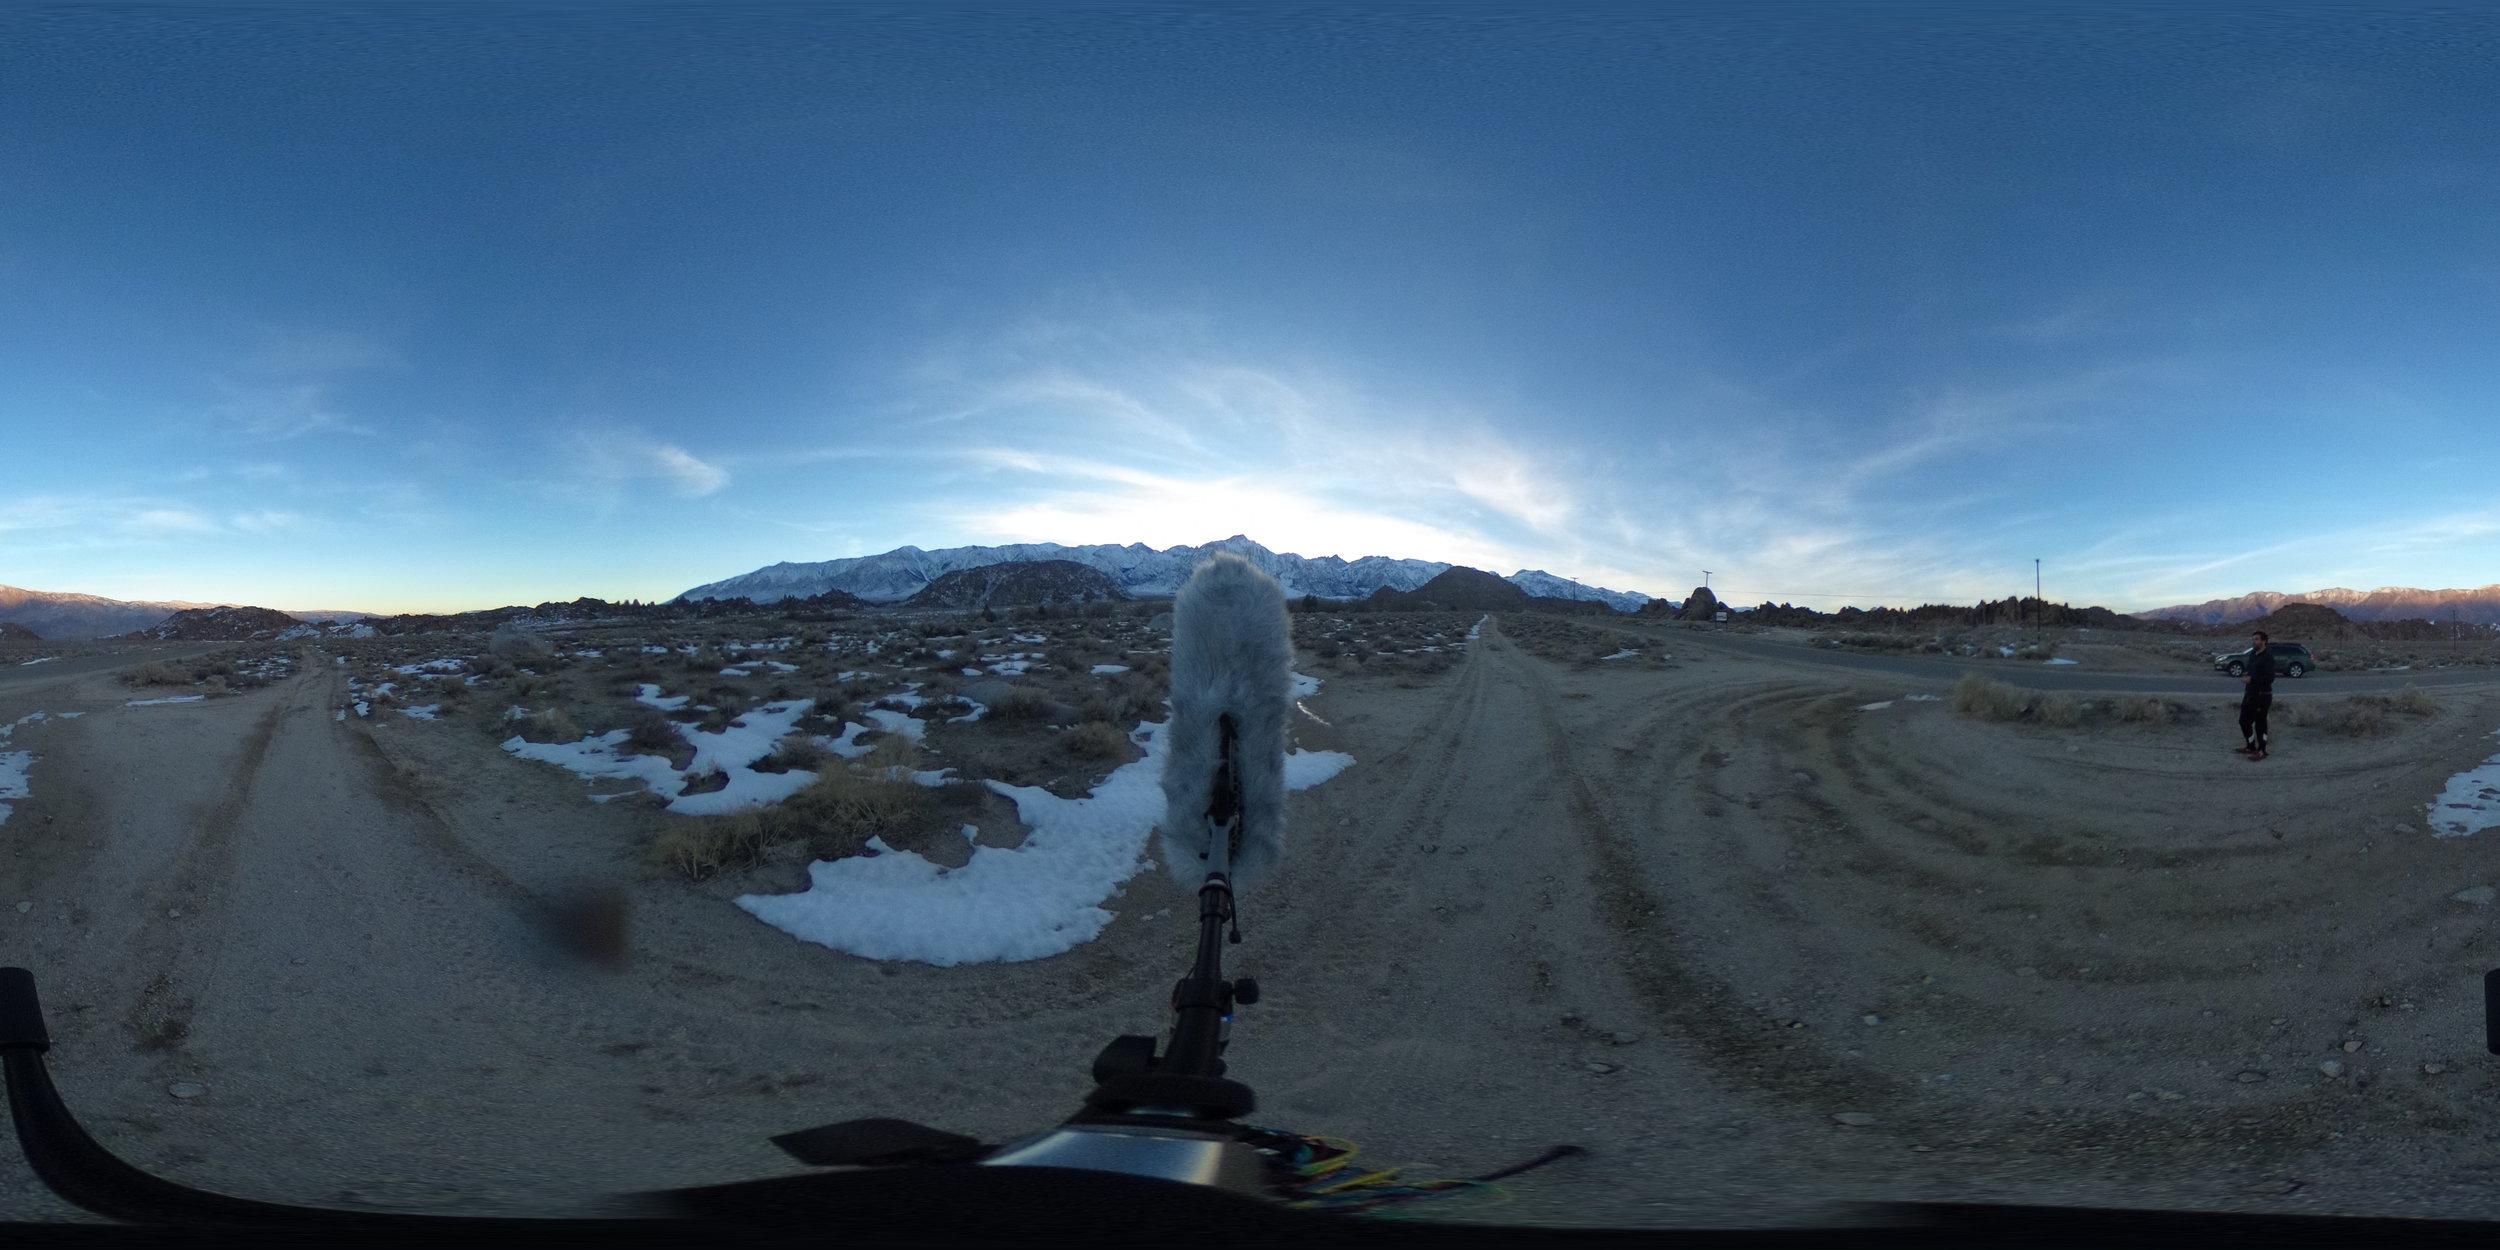 EXT_Mountain_Sunset_DistantHighway_DistantRiver_SteadyWind_JPEG.JPG